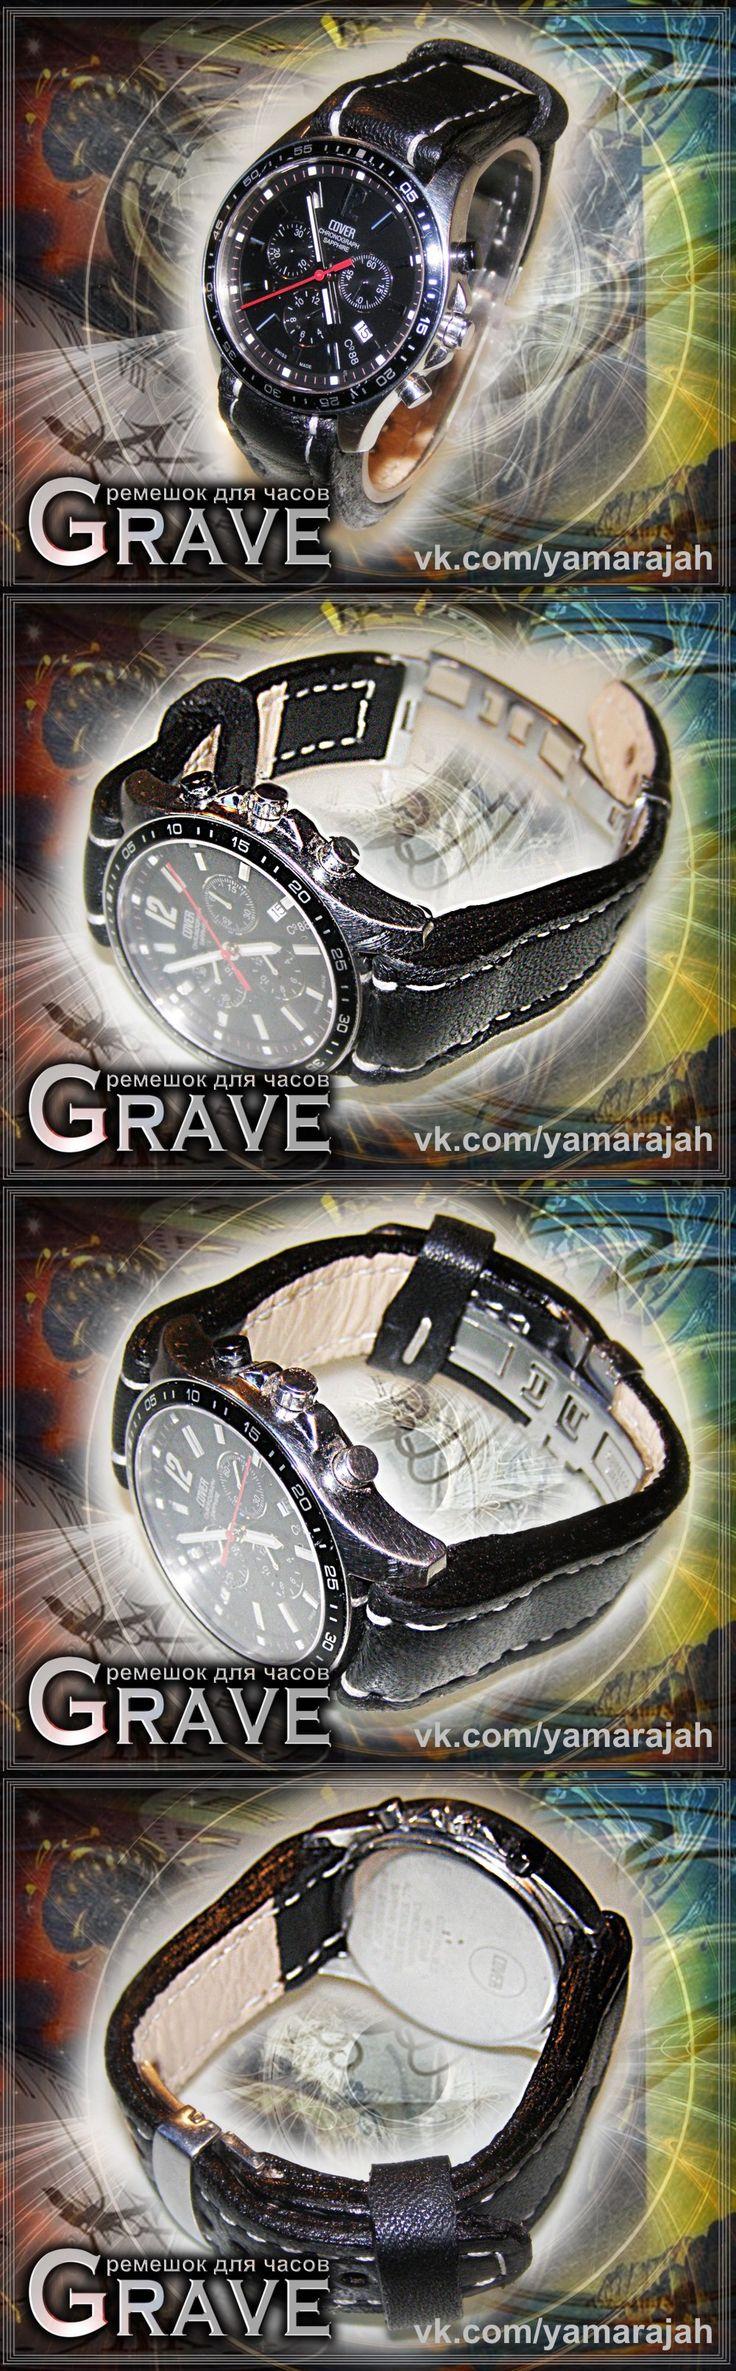 Watchband Cover chronograph sapphire Ремешок для часов Cover chronograph sapphire. Телячья кожа, подклад, прошивка вощеной нитью в две иглы  vk.com/yamarajah